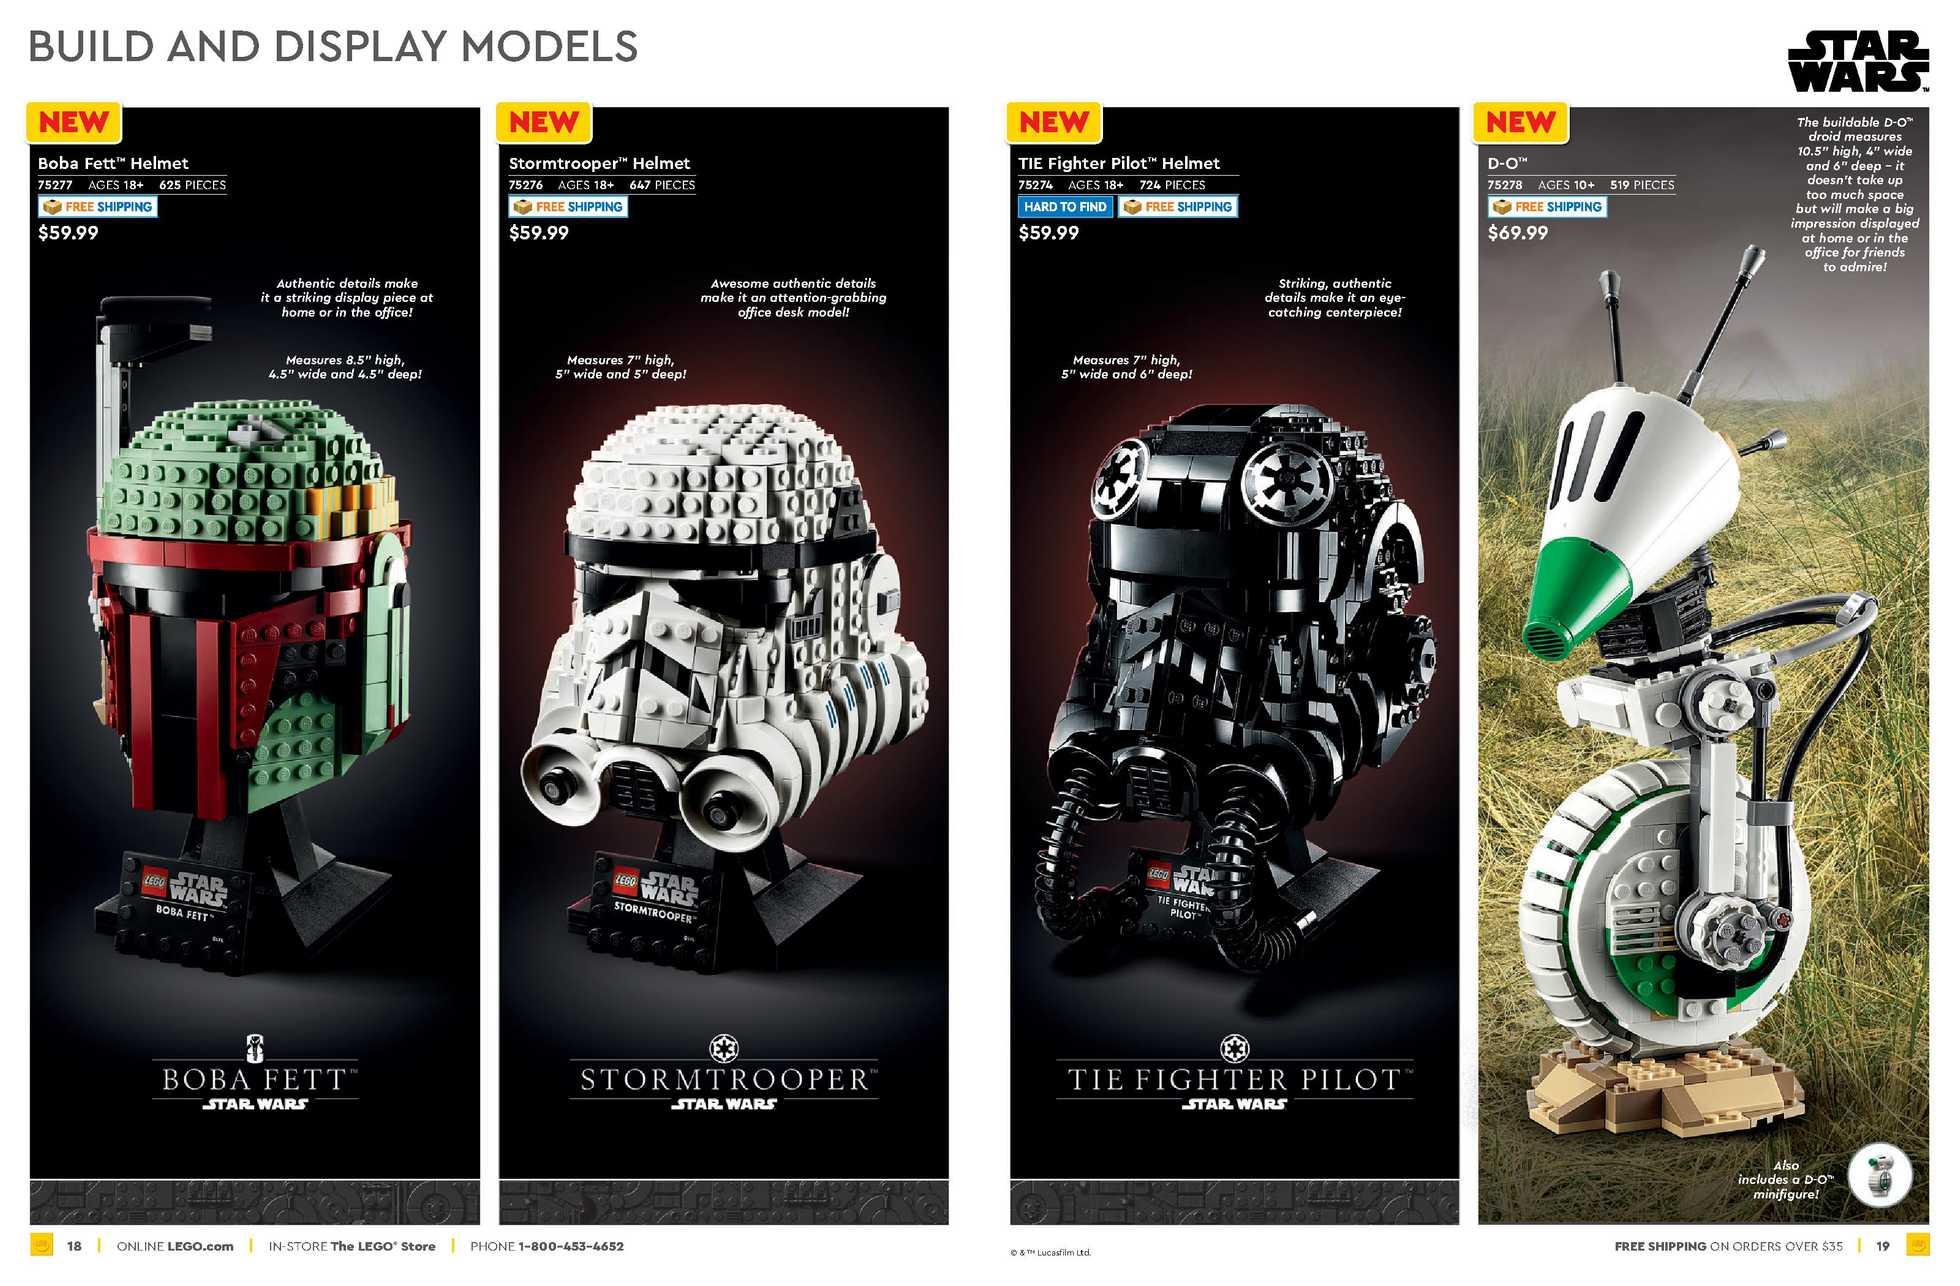 Lego - promo începând de la 17.06.2020 până la 22.09.2020 - pagină 2.